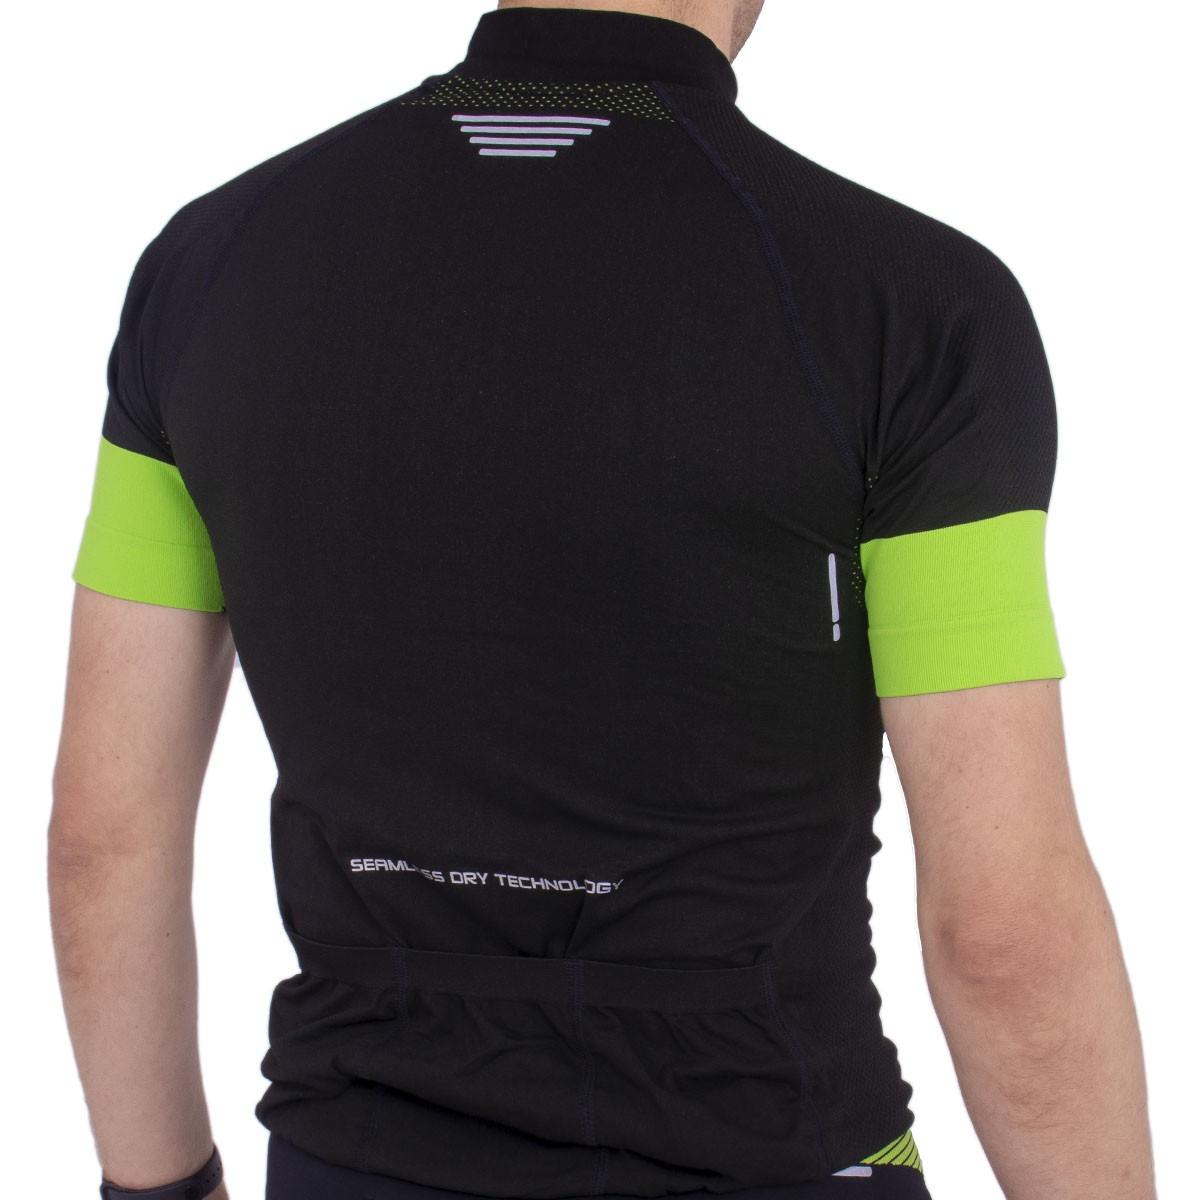 Camiseta ciclismo masculina Lupo